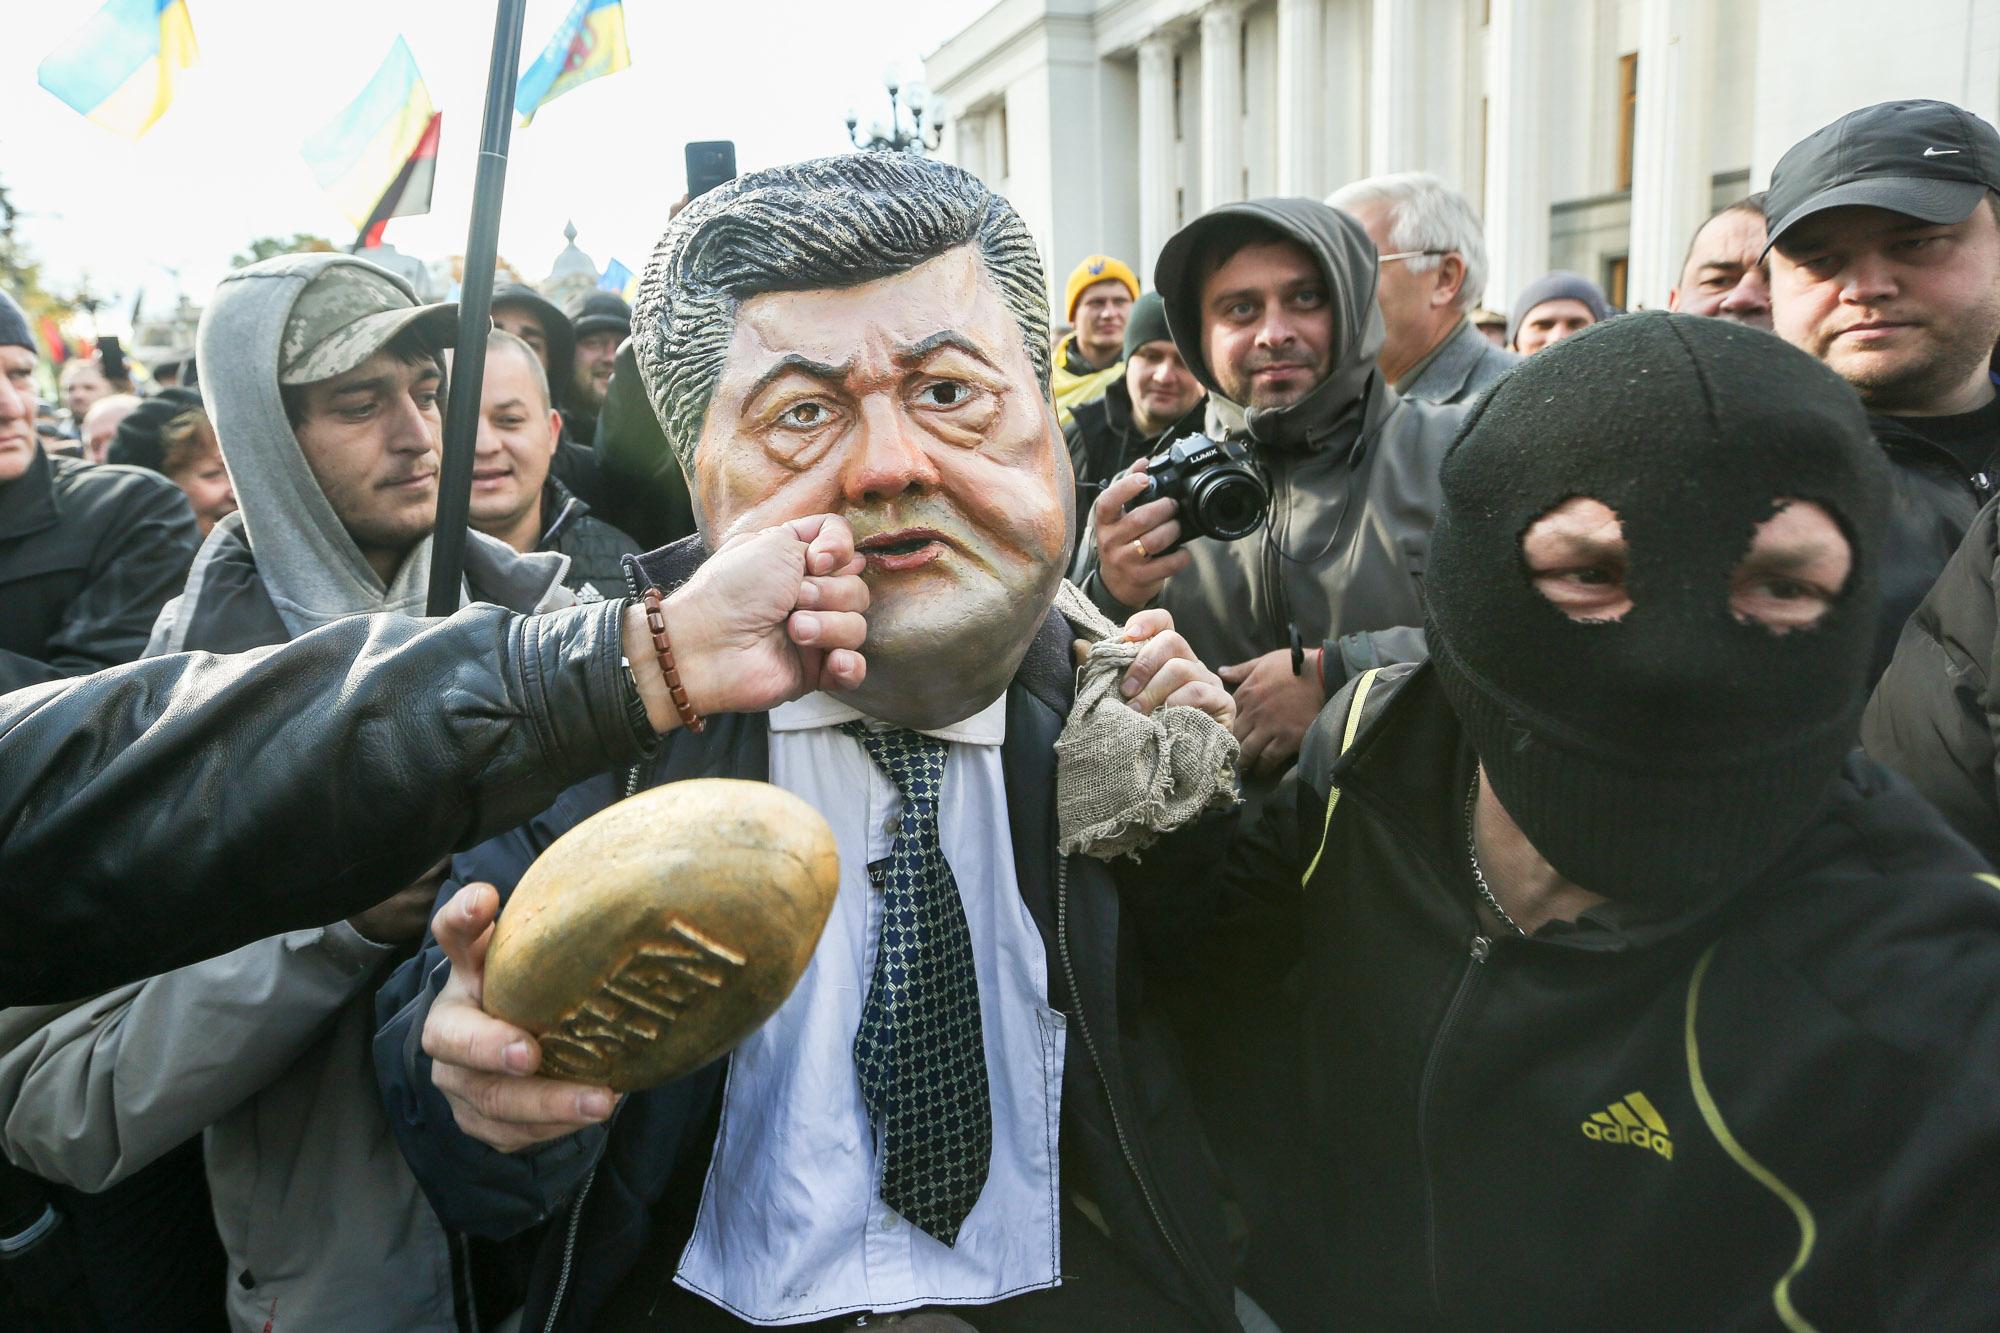 Саакашвили обжаловал указ Порошенко о прекращении гражданства - Цензор.НЕТ 3532